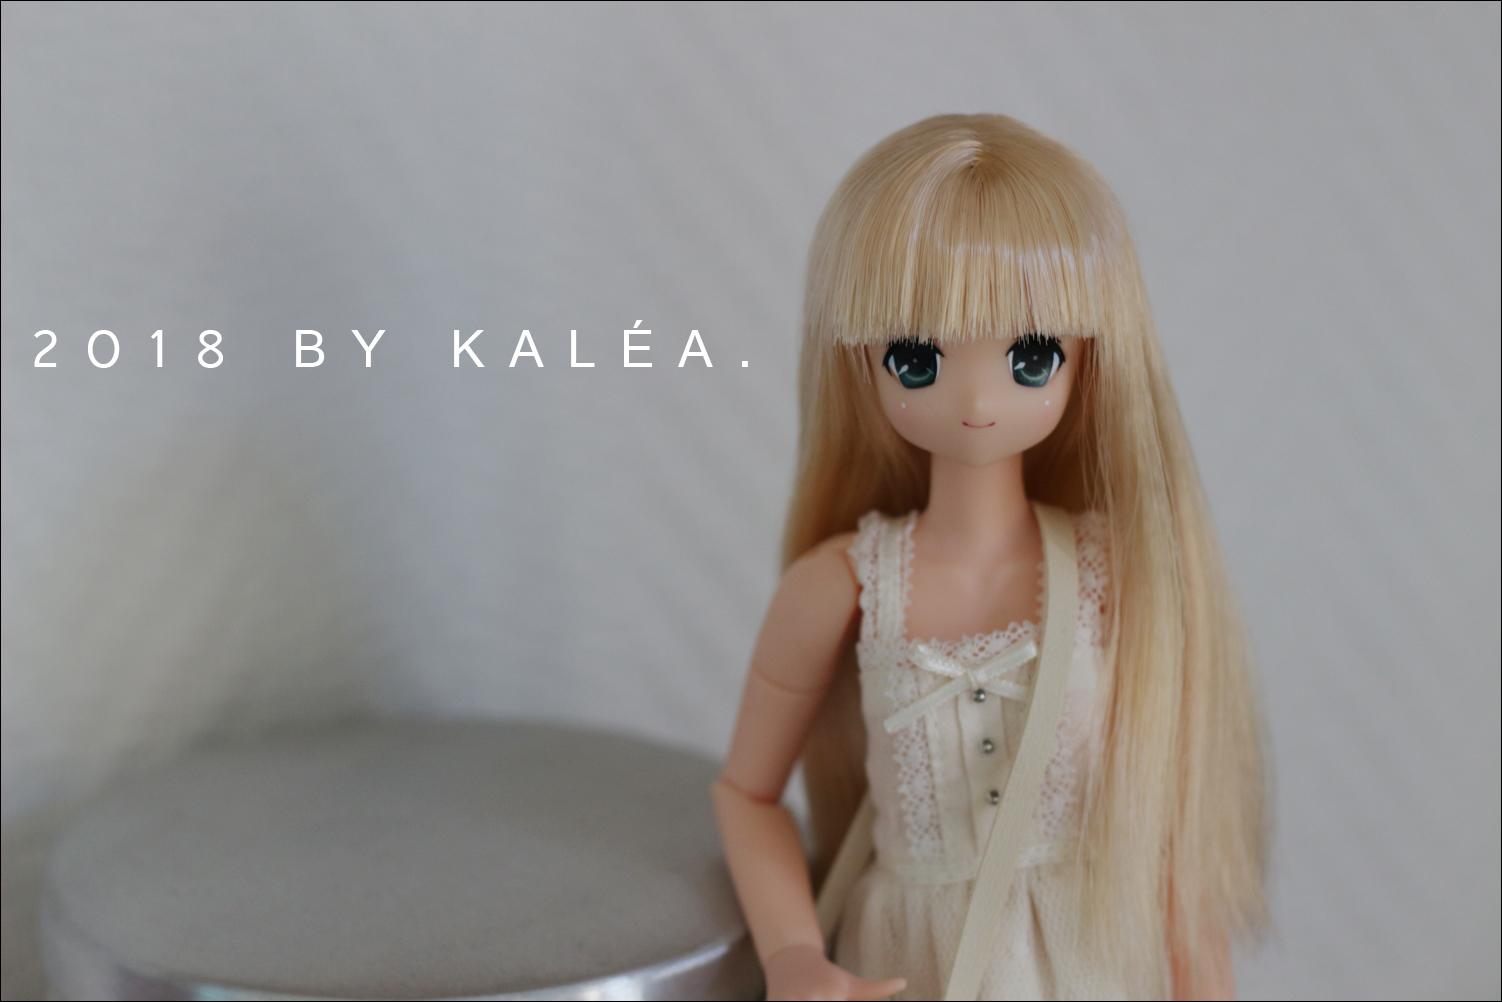 VENDS - Pure neemo, barbie repaint prix baissé - Pullip FC 180717074946918194